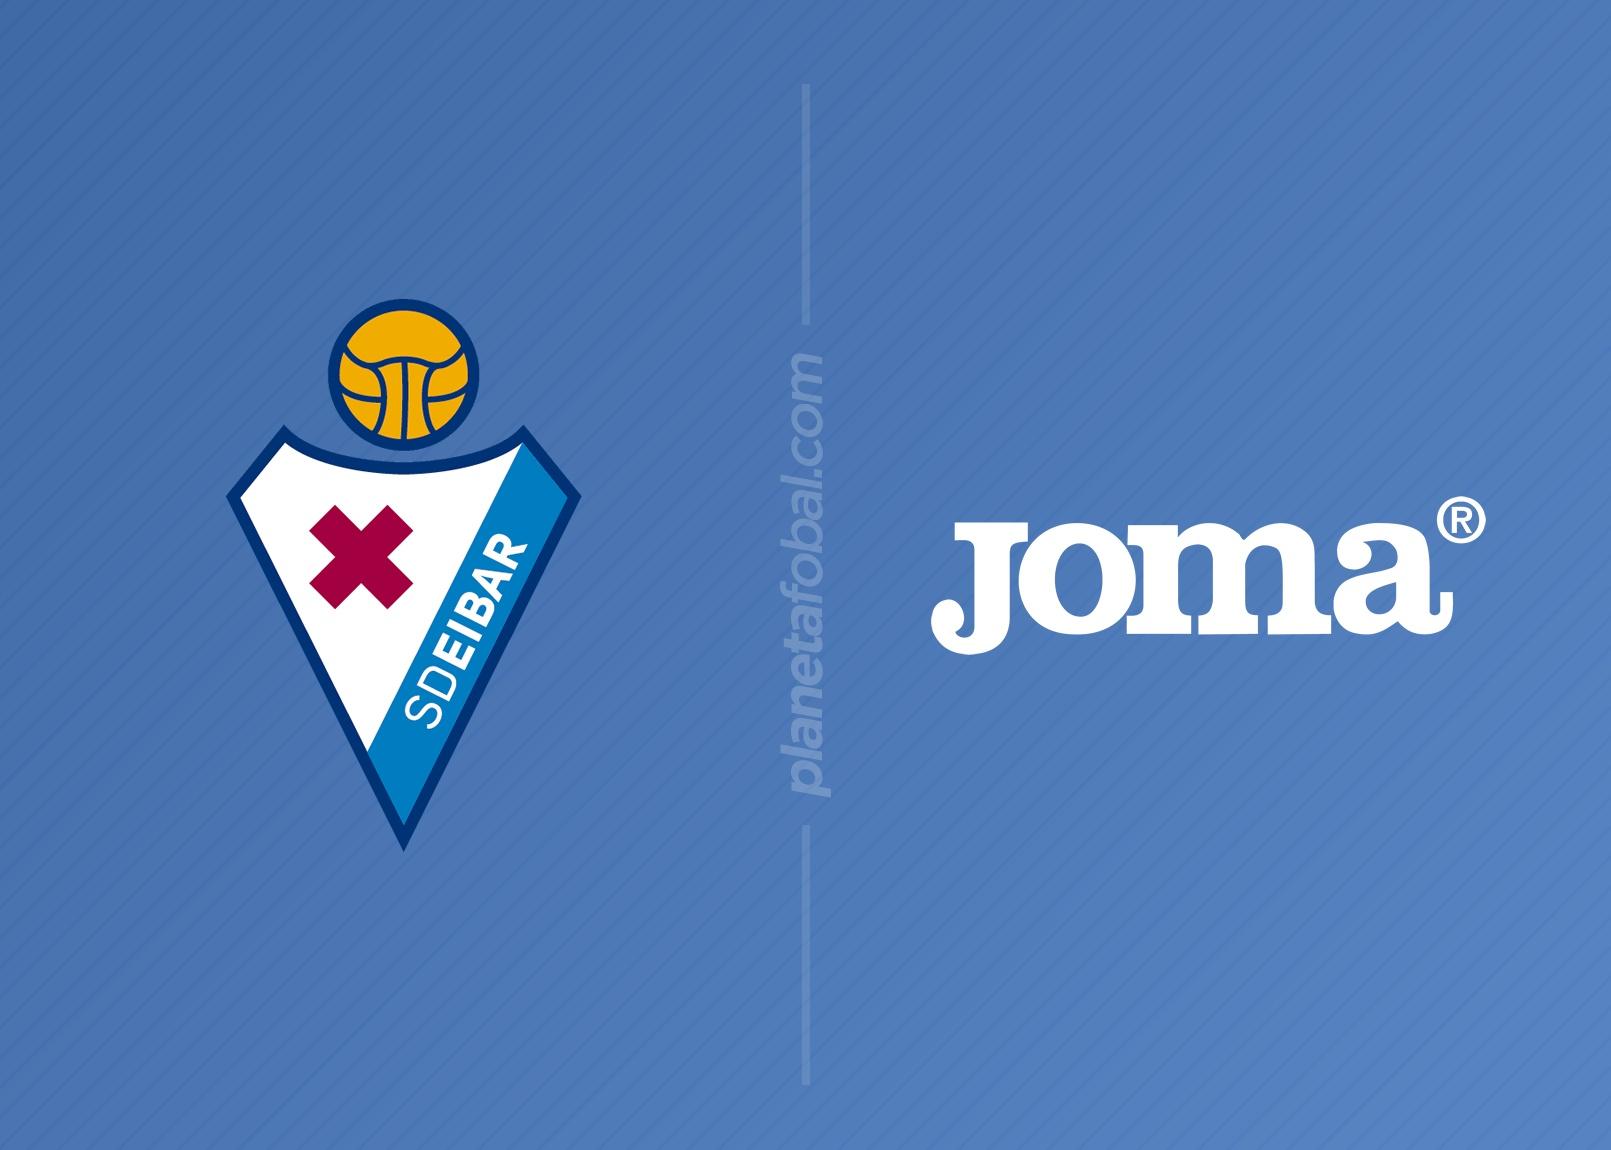 Joma vestirá al SD Eibar desde 2019/20